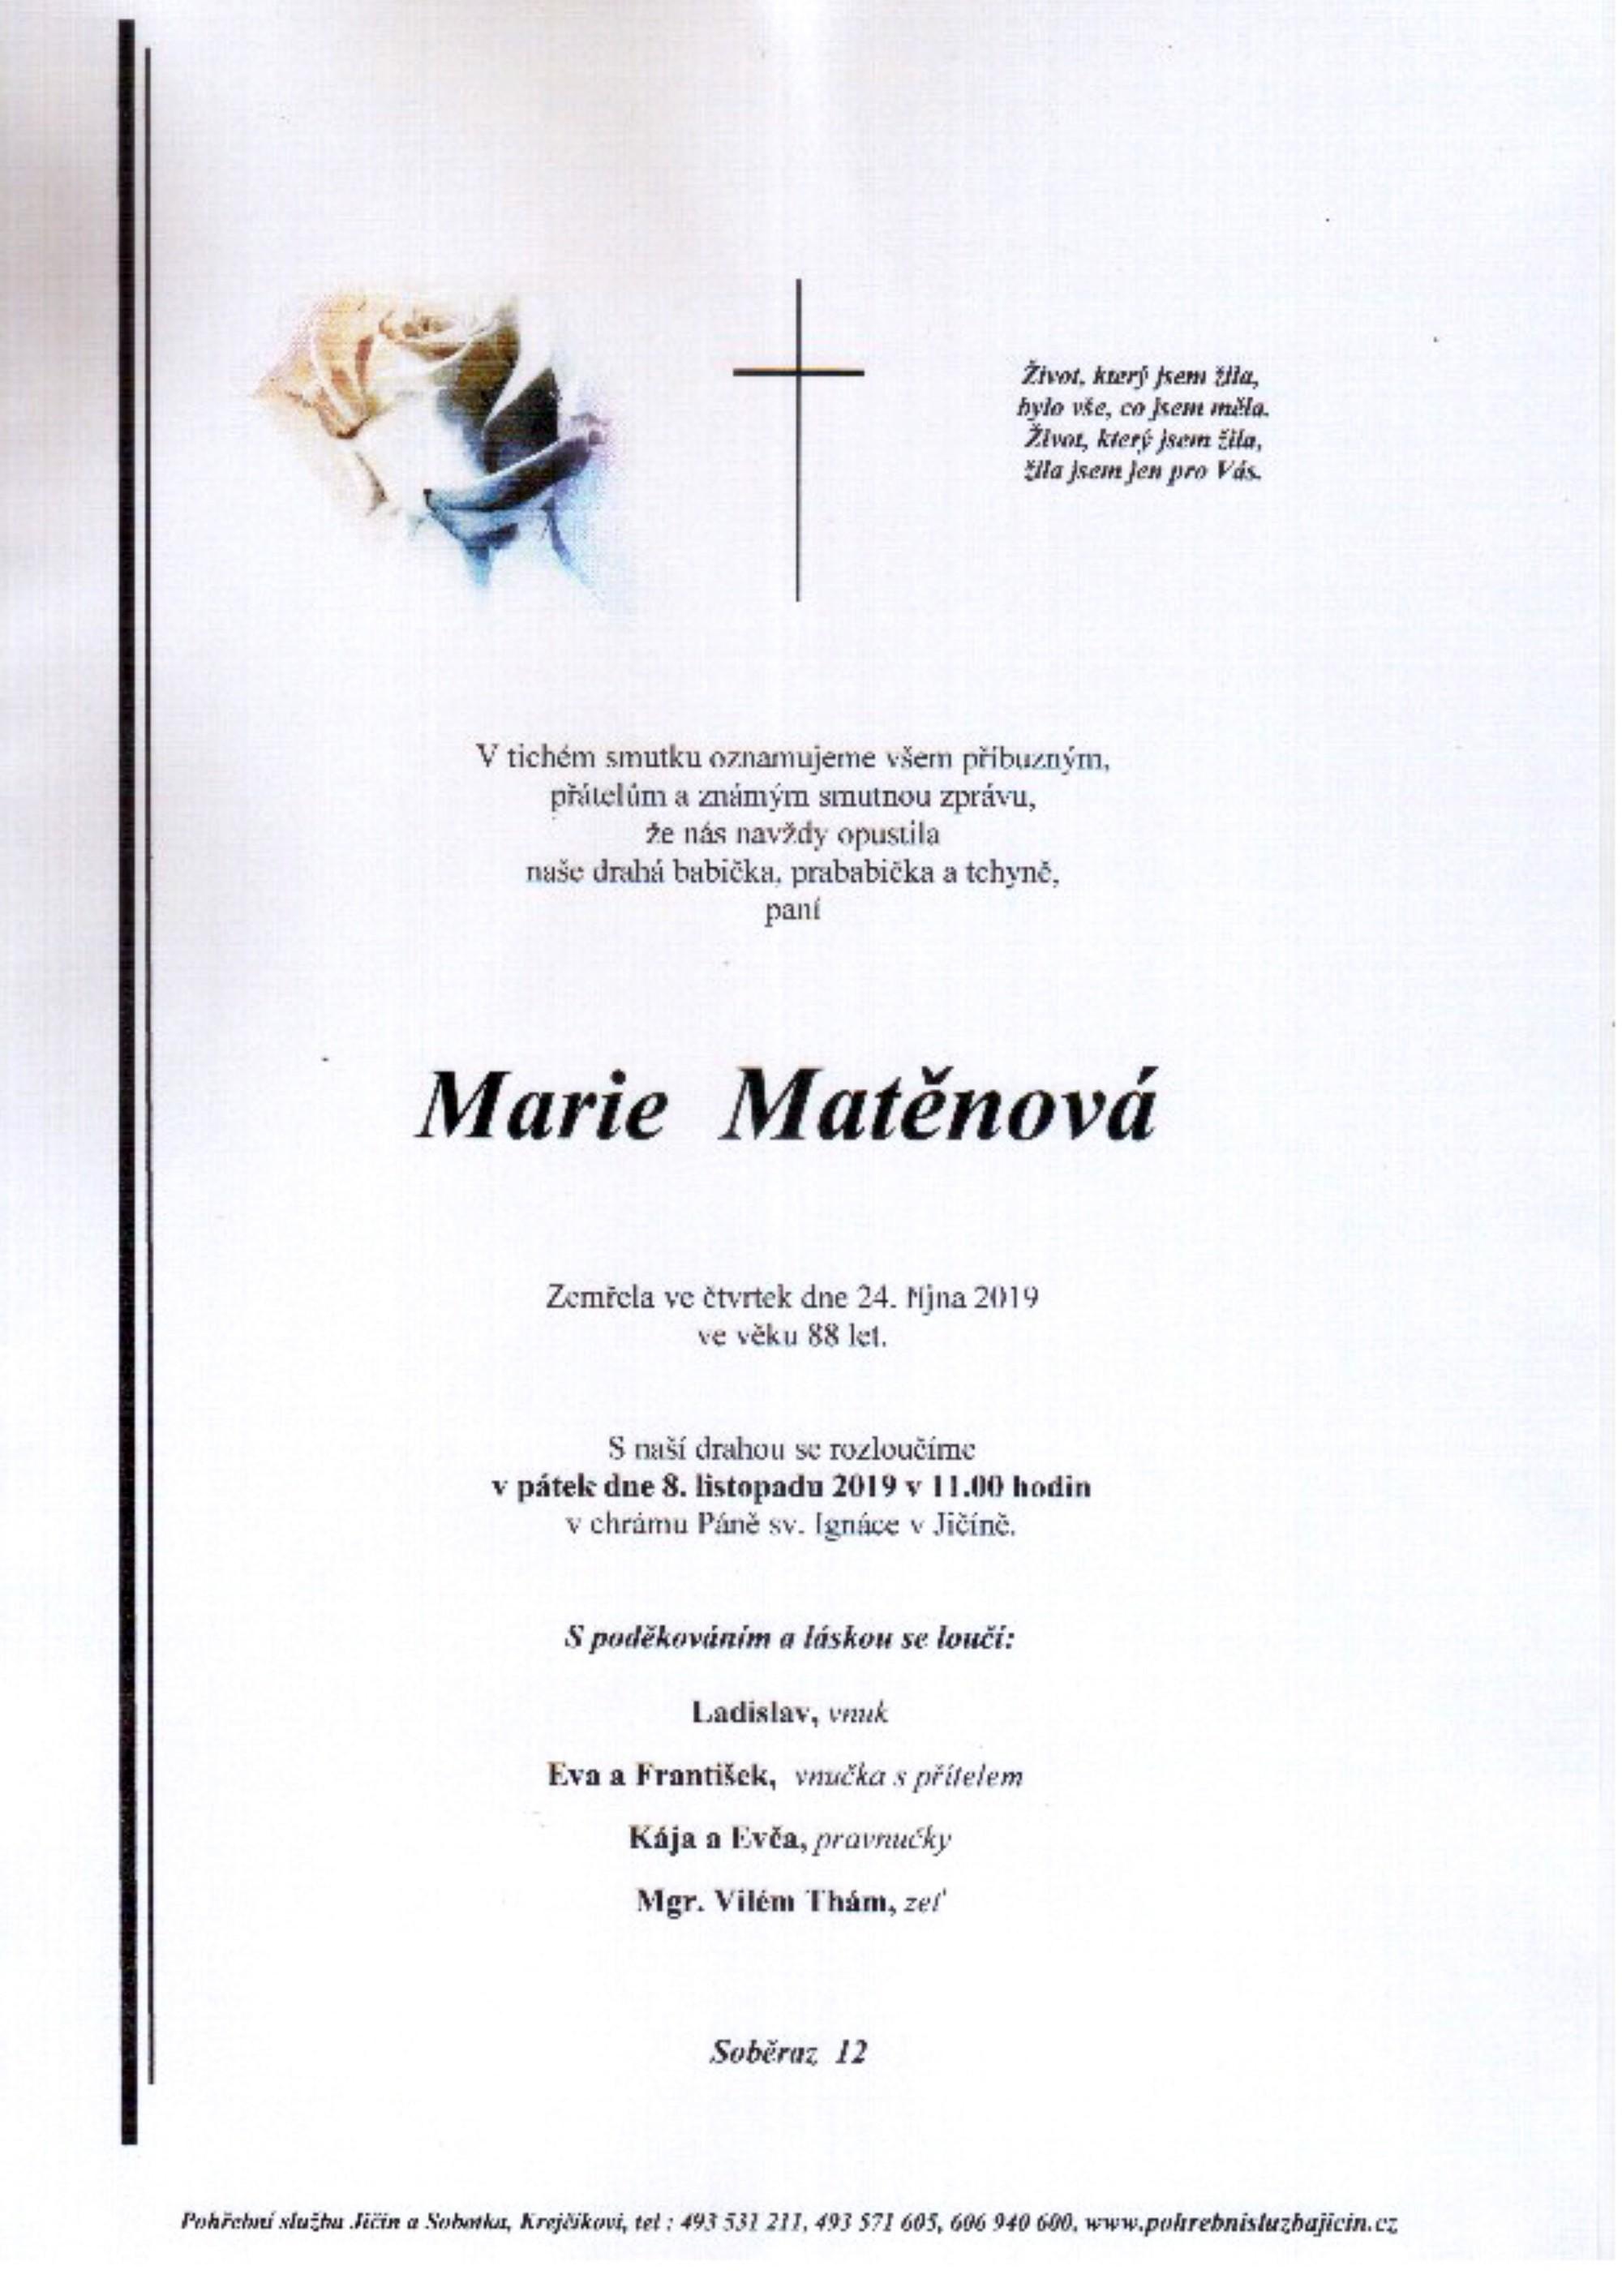 Marie Matěnová